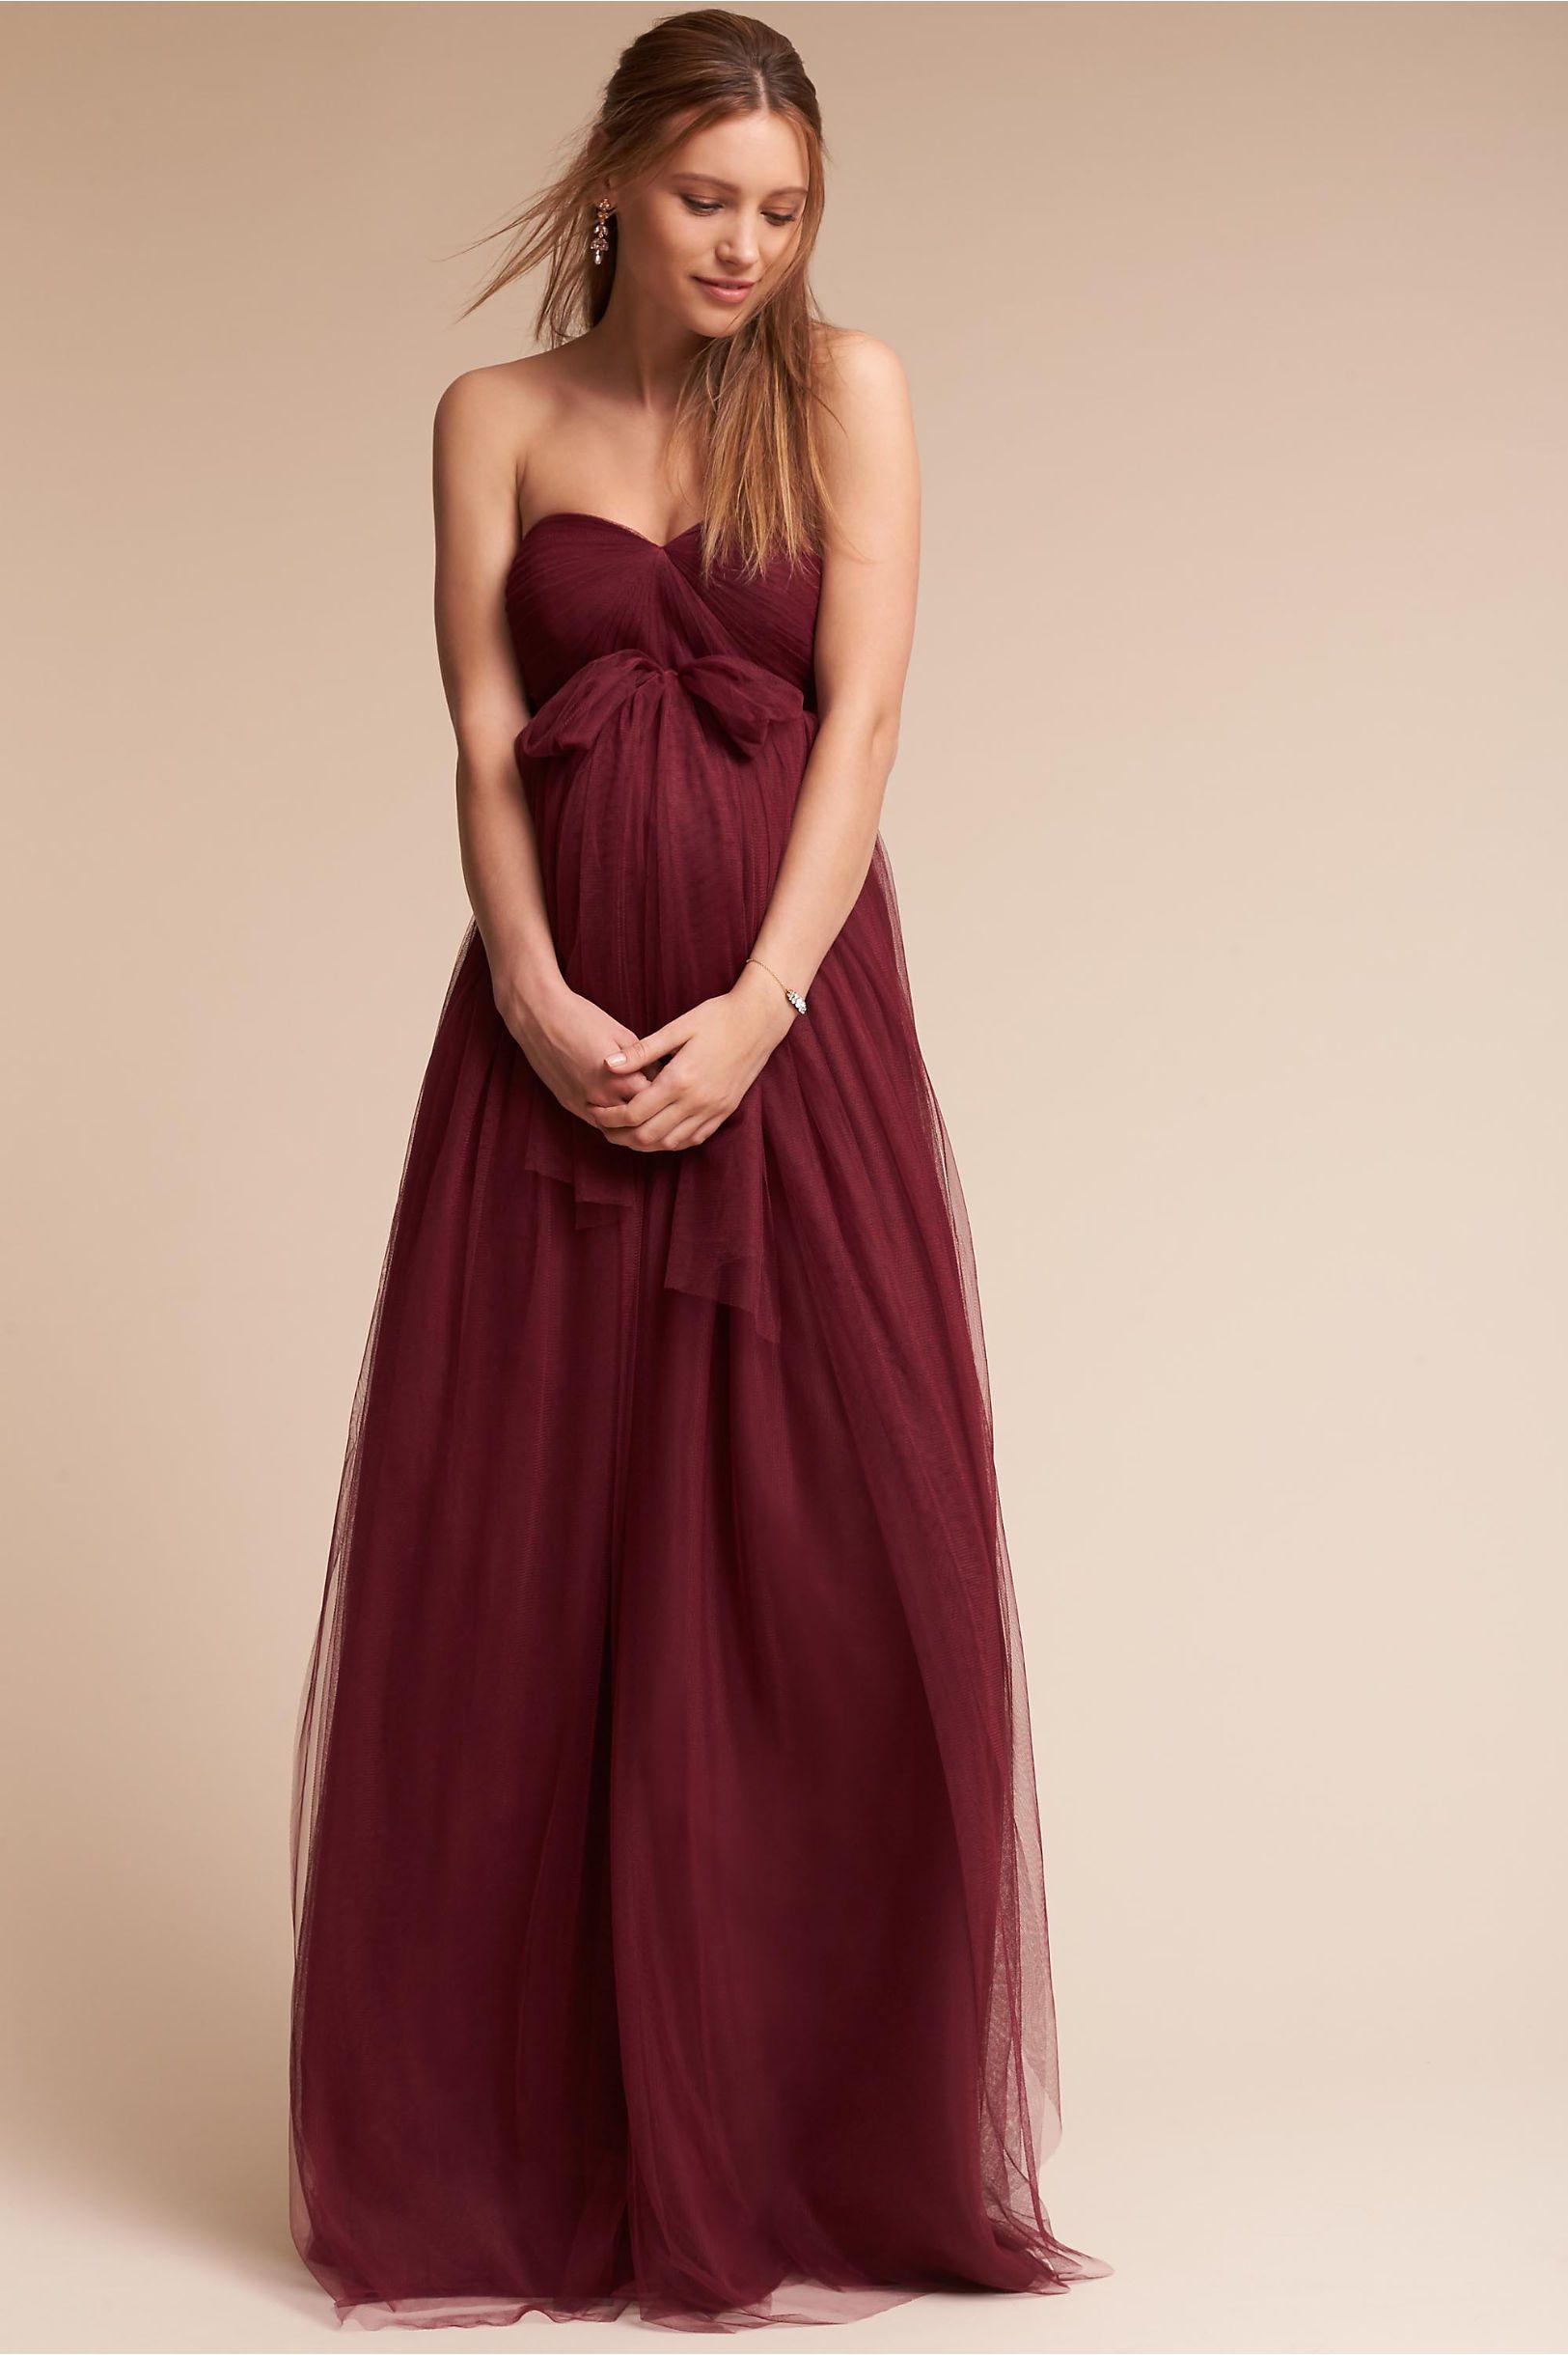 Bhldns jenny yoo serafina maternity dress in black cherry bhldns jenny yoo serafina maternity dress in black cherry ombrellifo Choice Image